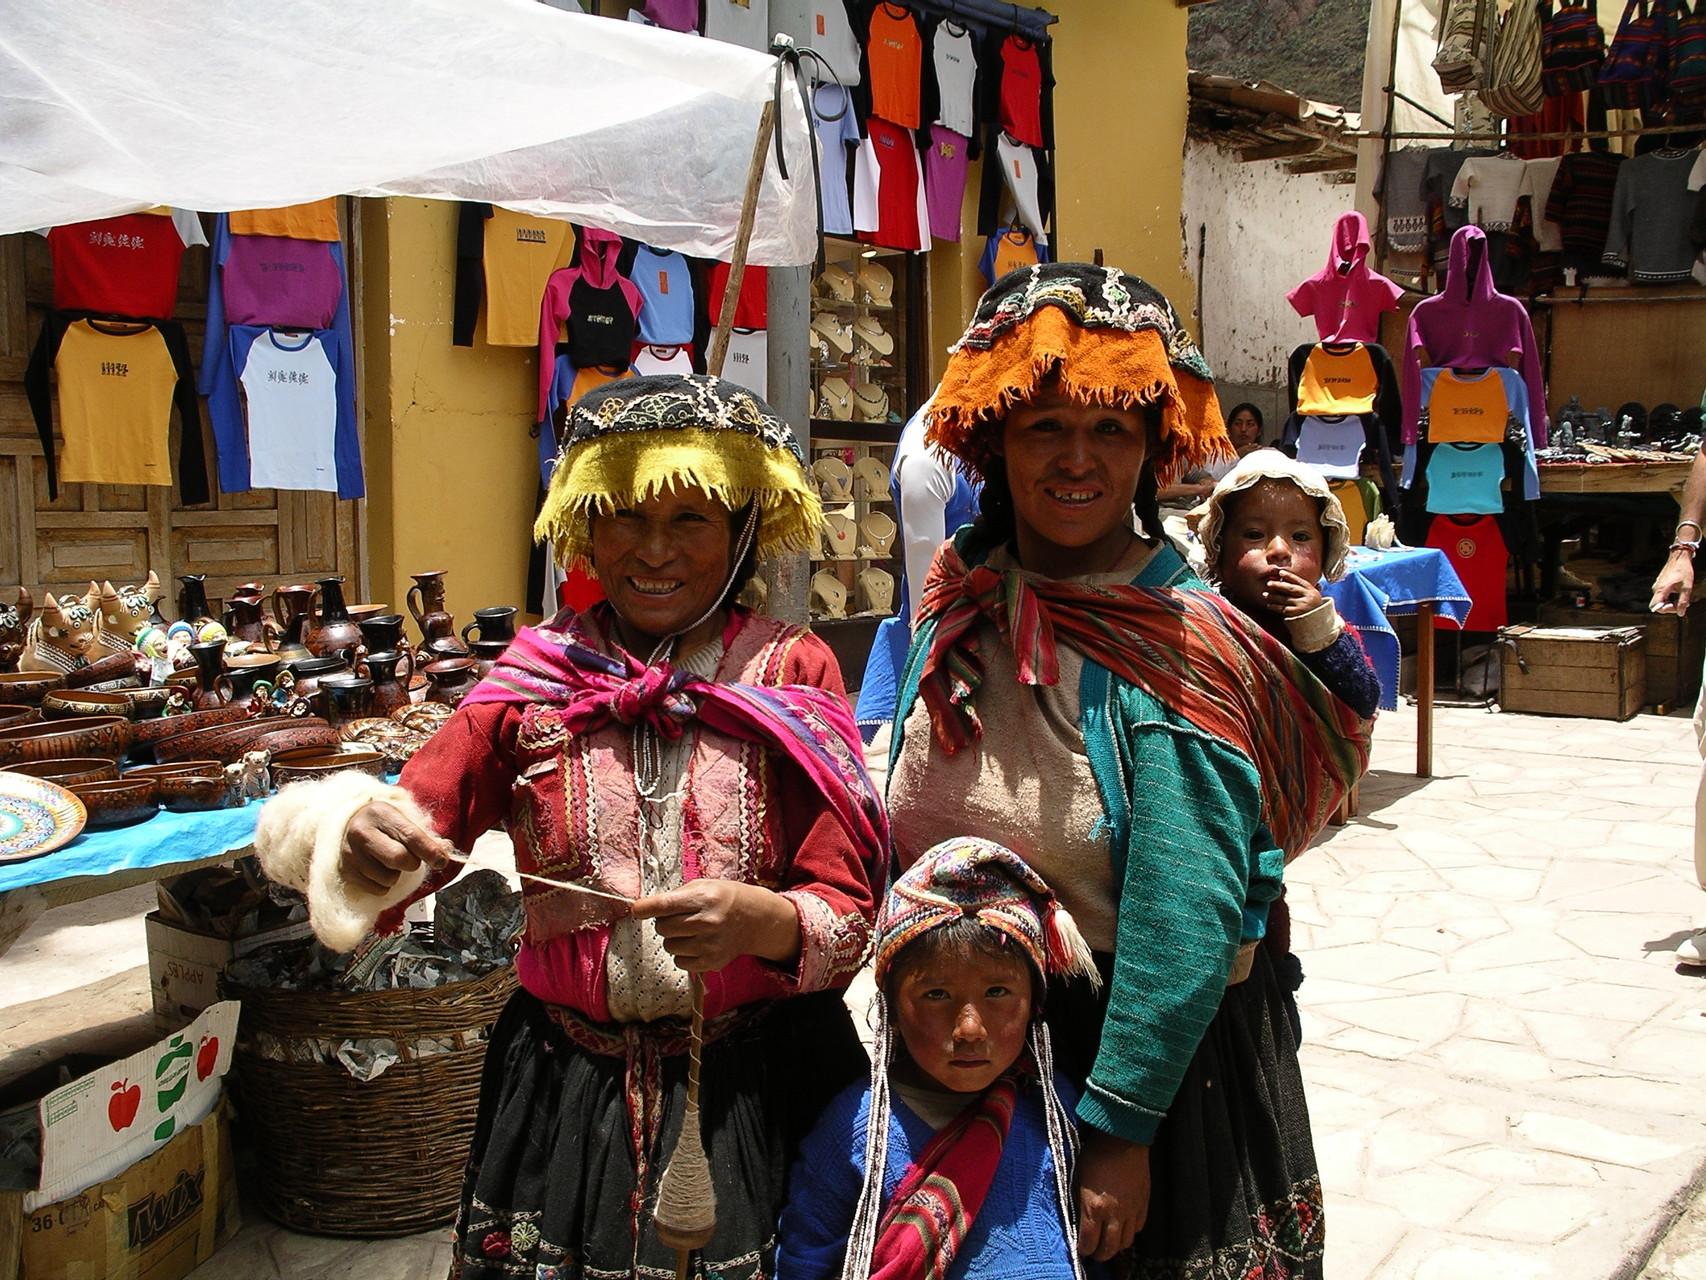 Peru intensiv erleben mit PERUline